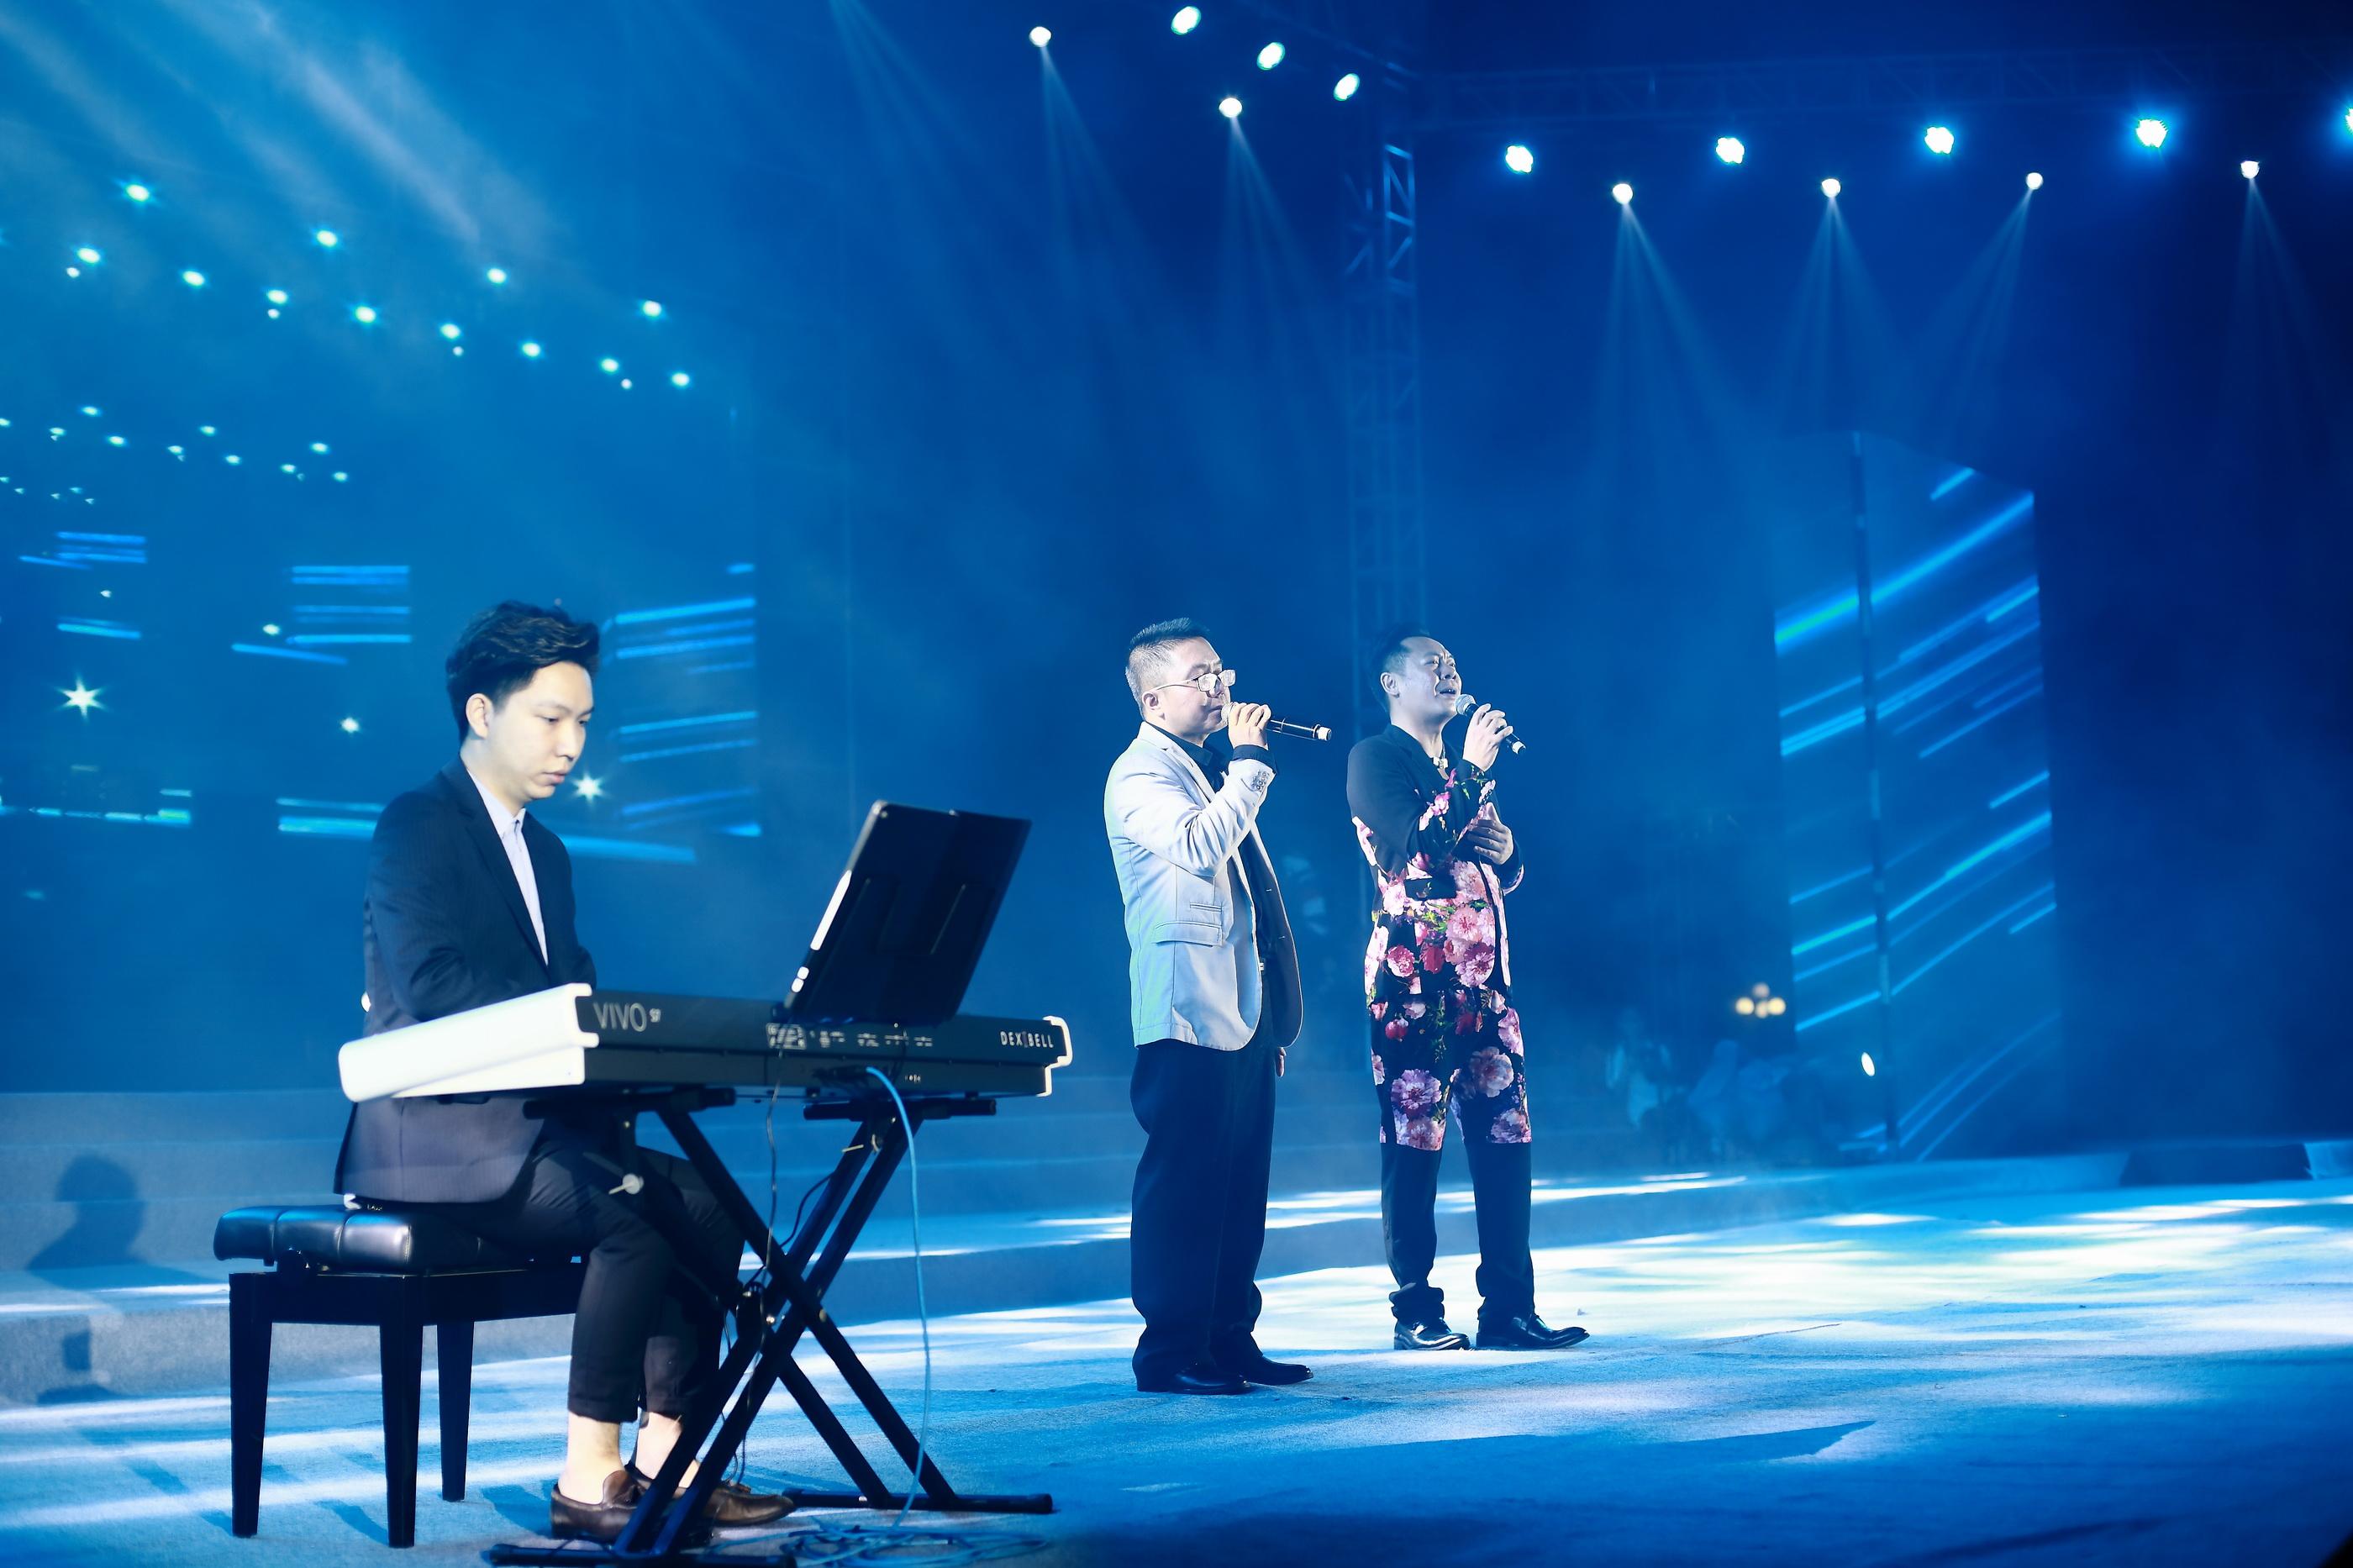 钢琴家区文翰现场演奏,助兴嘉宾合唱.JPG